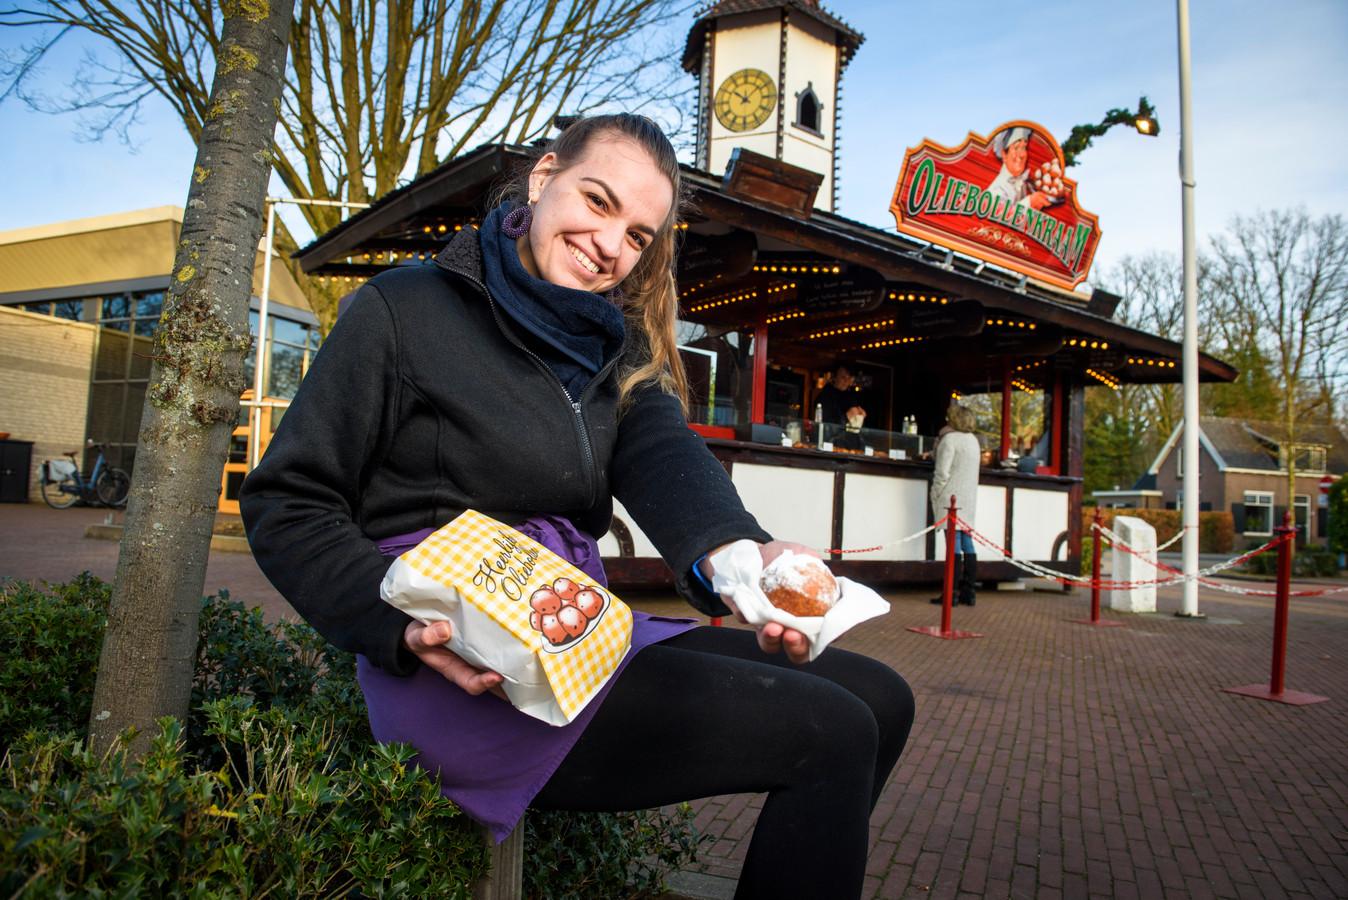 Stefanie van Hezik staat met haar oliebollenkraam op het Dorpsplein in Diepenveen. Vanwege corona ging haar opdracht in het Belgische Hasselt voor het eind van het jaar en begin dit jaar niet door. Vandaar dat ze bij de gemeente aanklopte voor een standplaats in Deventer. Ze kreeg een vergunning voor Diepenveen.